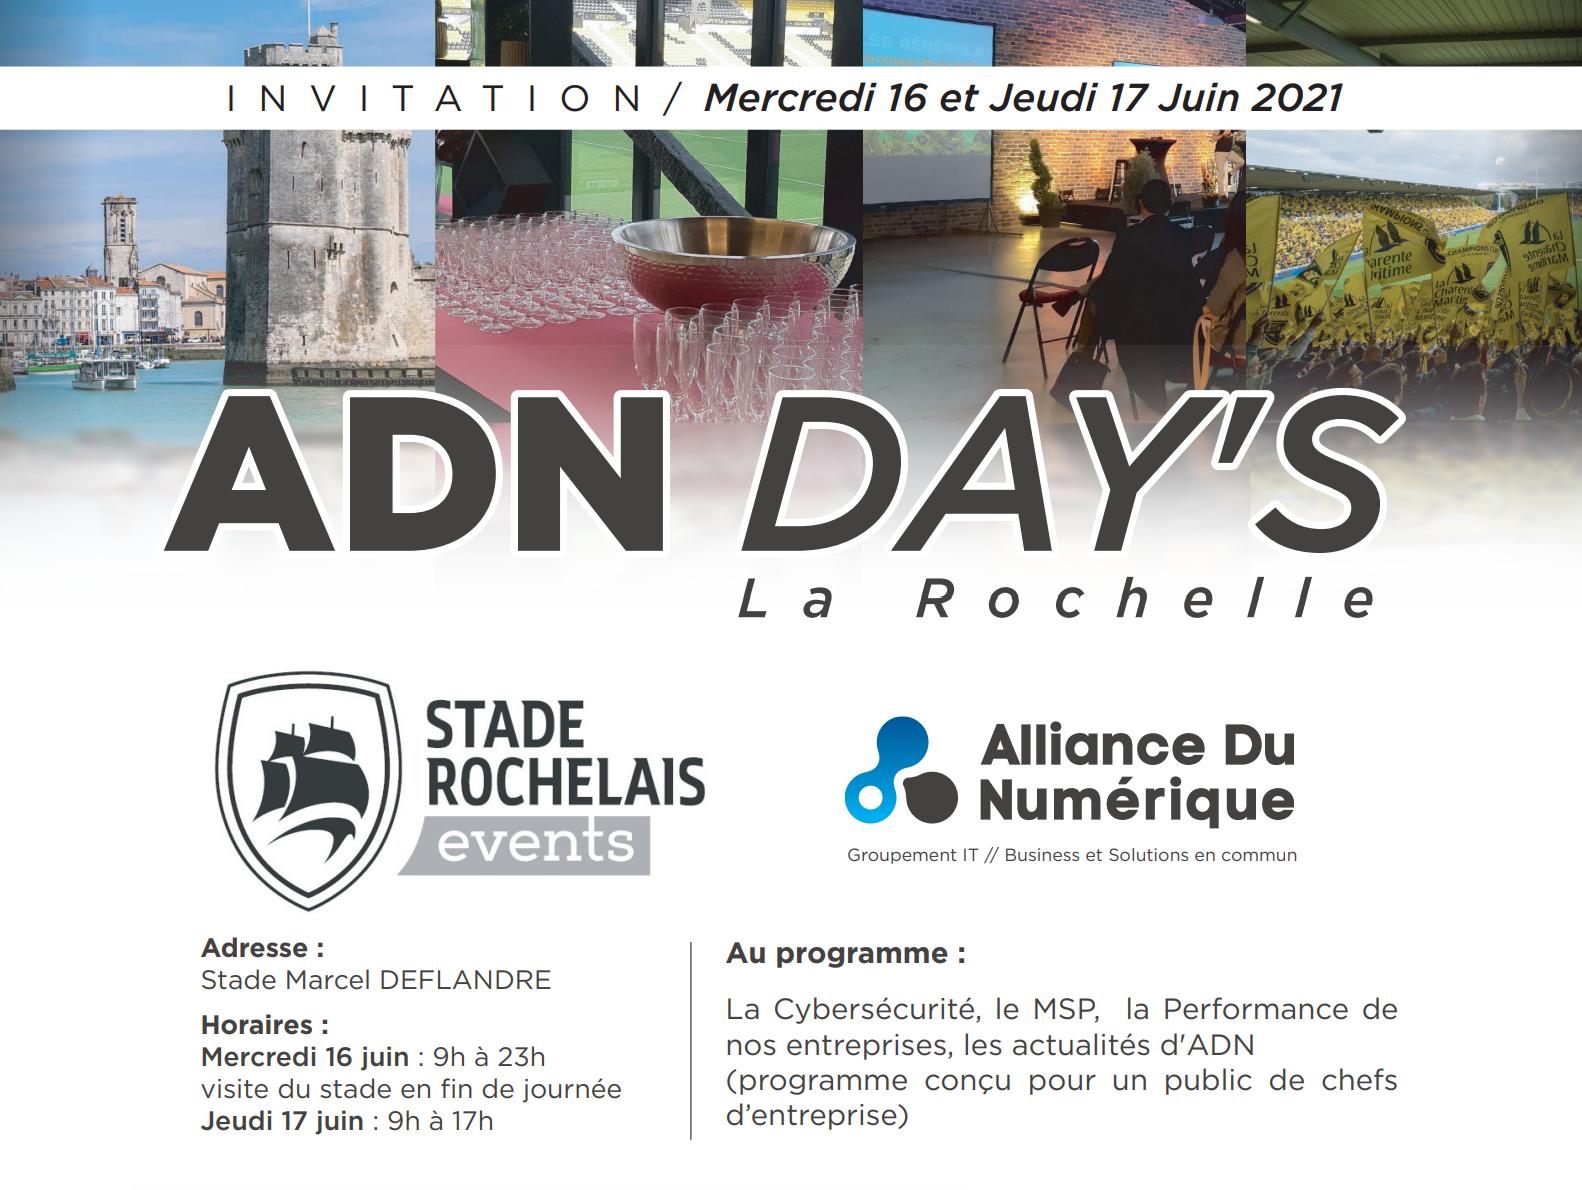 ADN Days à La Rochelle 16 et 17 Juin 2021